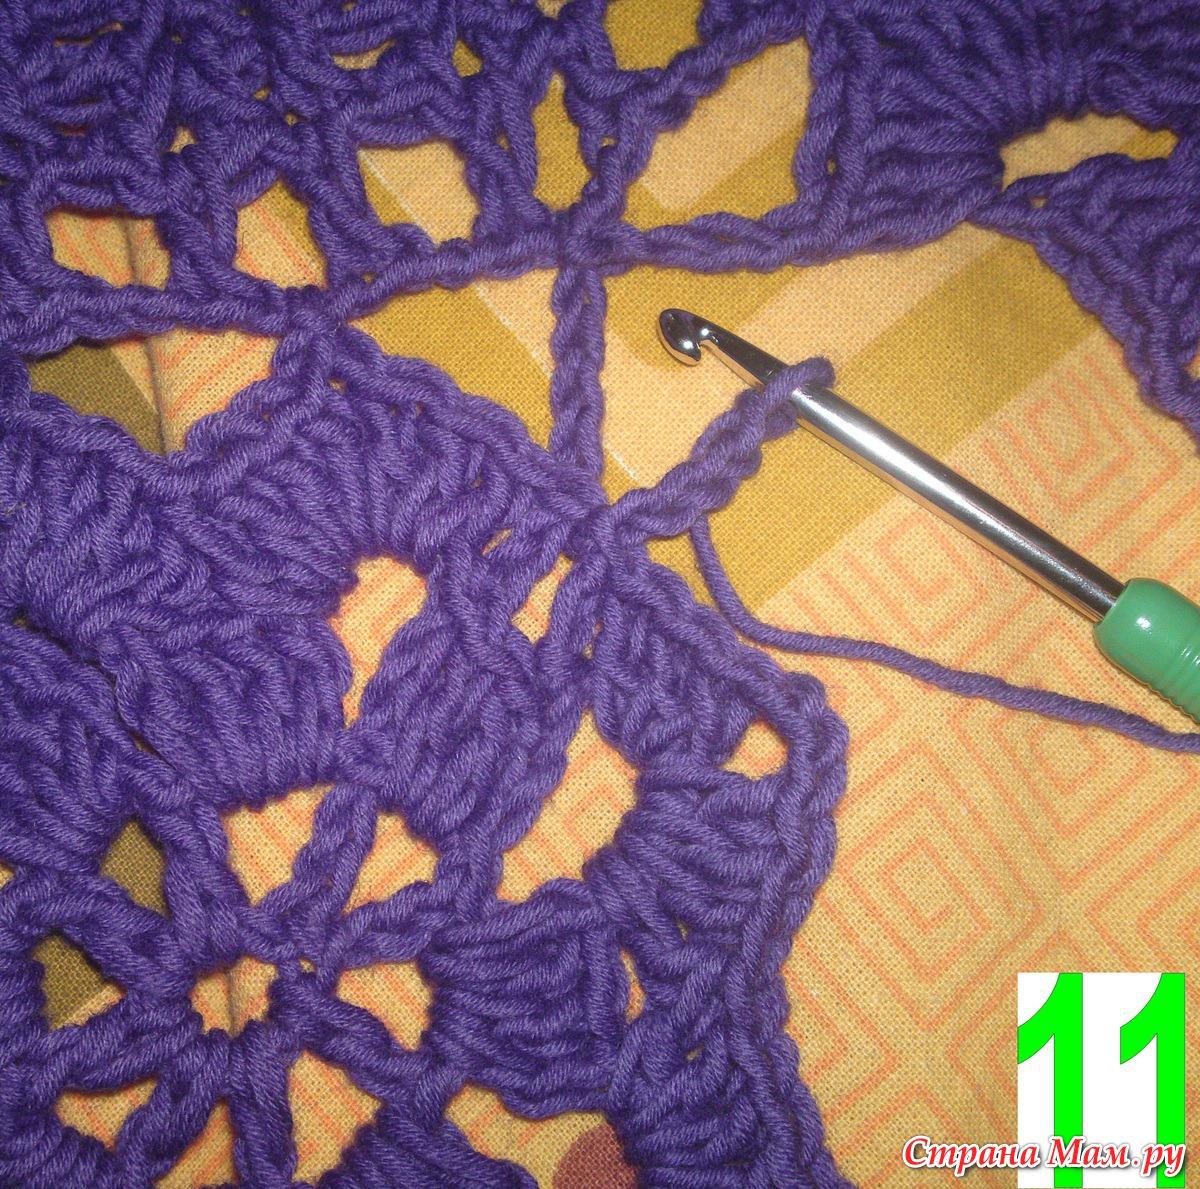 Рукодельница вязание крючком фото